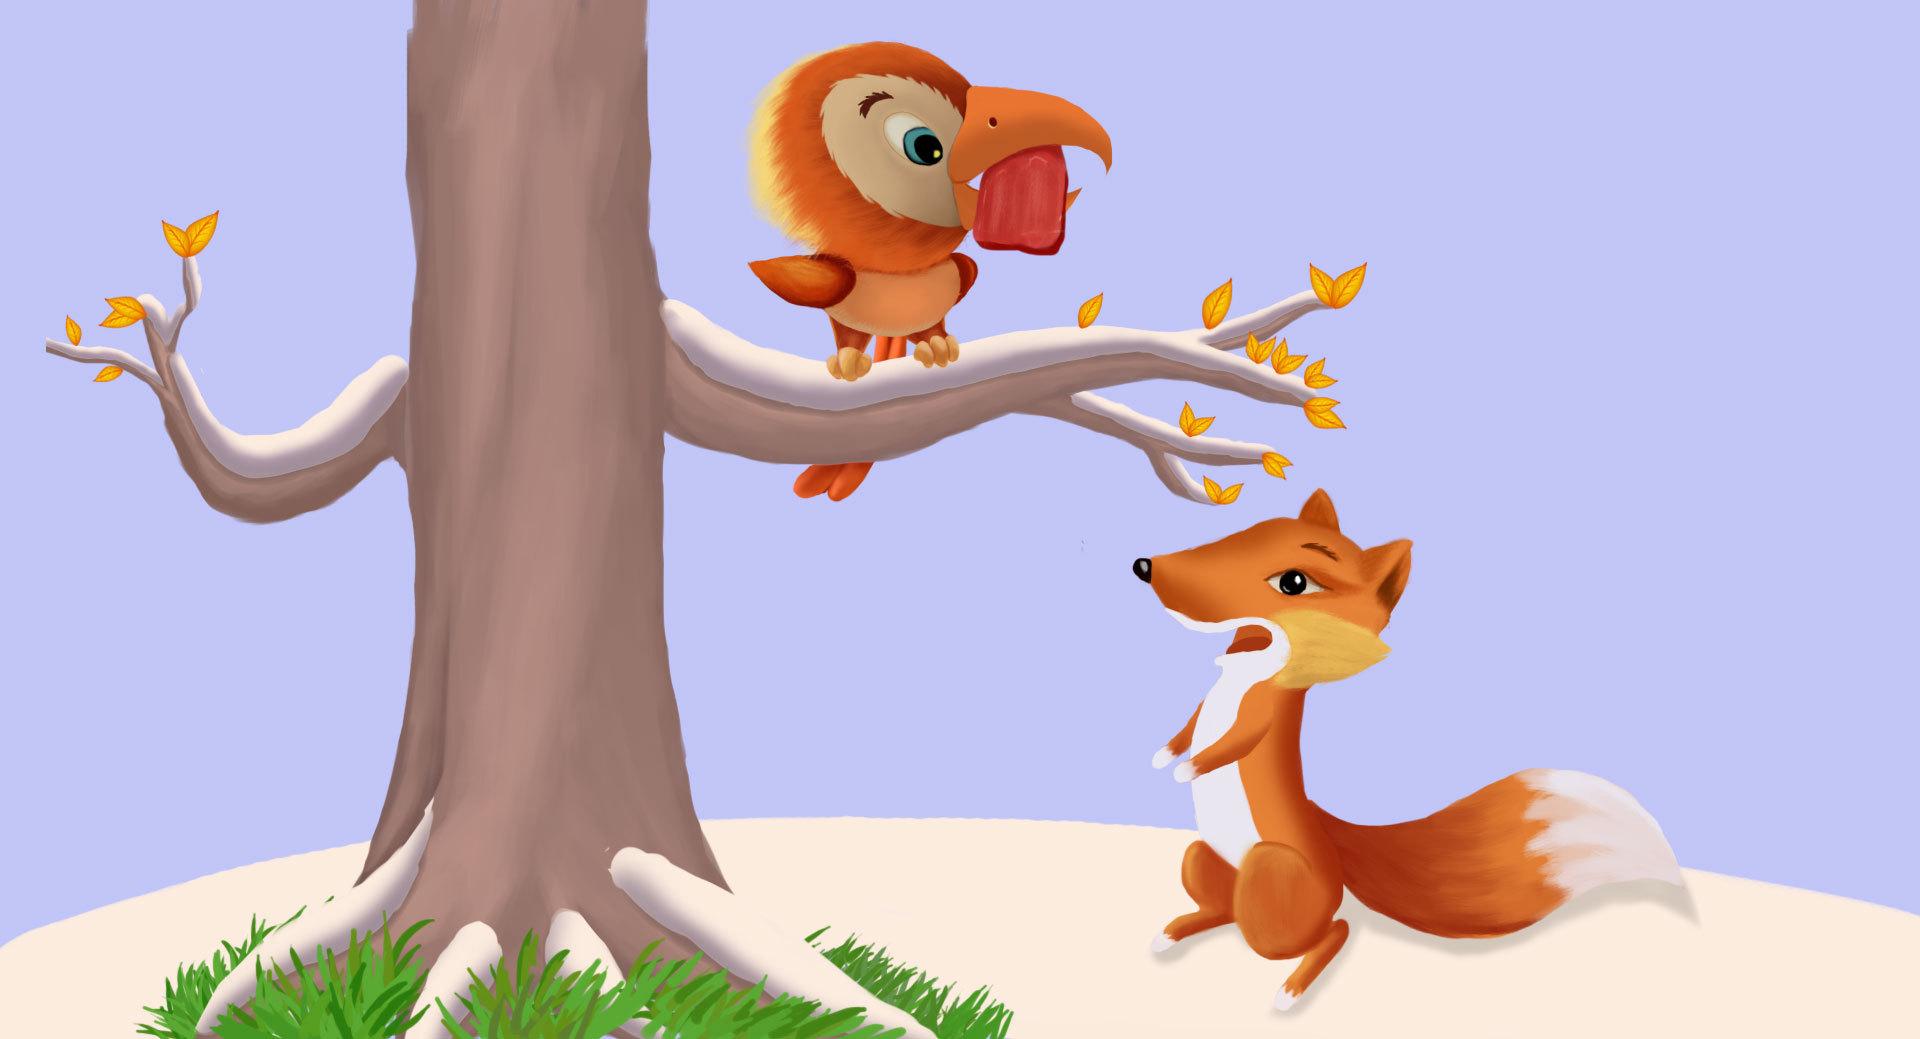 卡通手绘狐狸与乌鸦